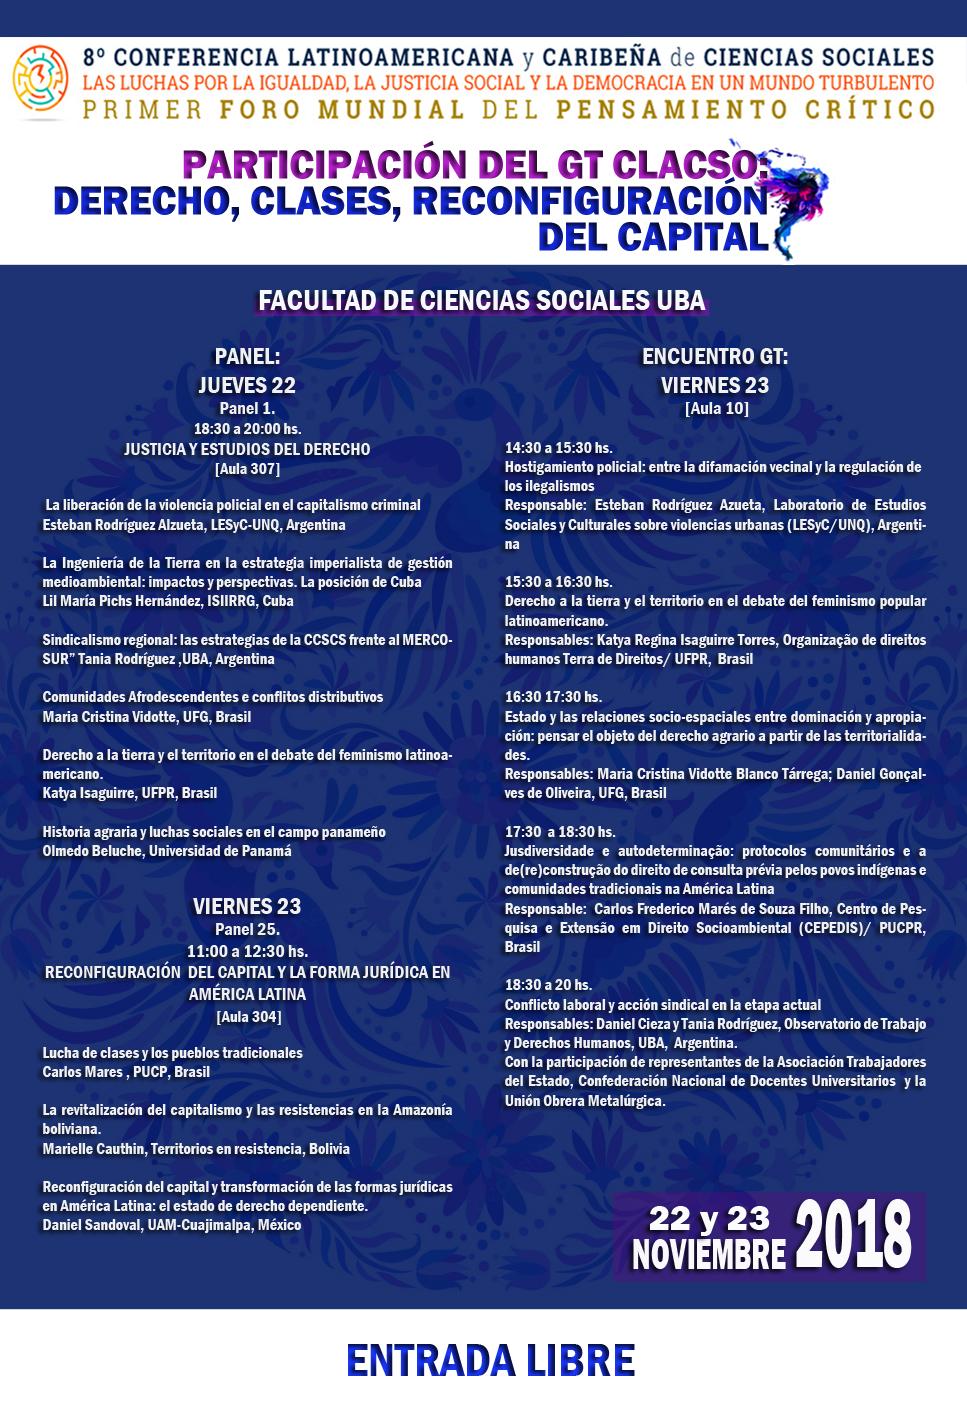 CLACSO 8a CLCCS.derecho, clases, reconfiguración del capital. 2018